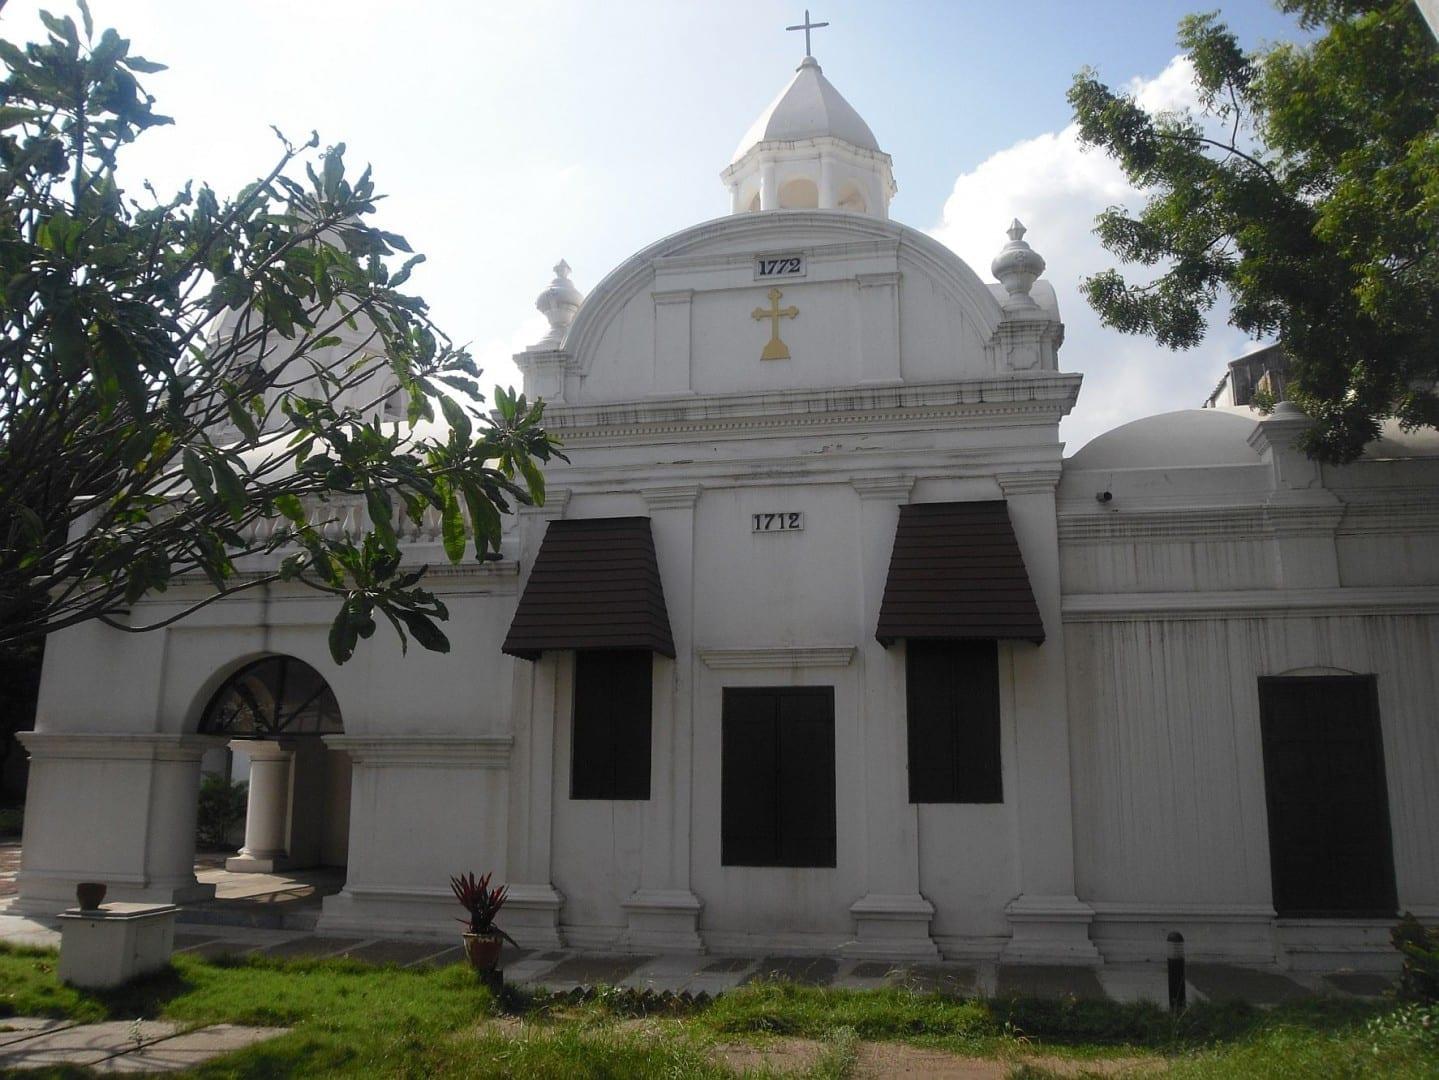 La Iglesia de San Antonio de Armenia Chennai India